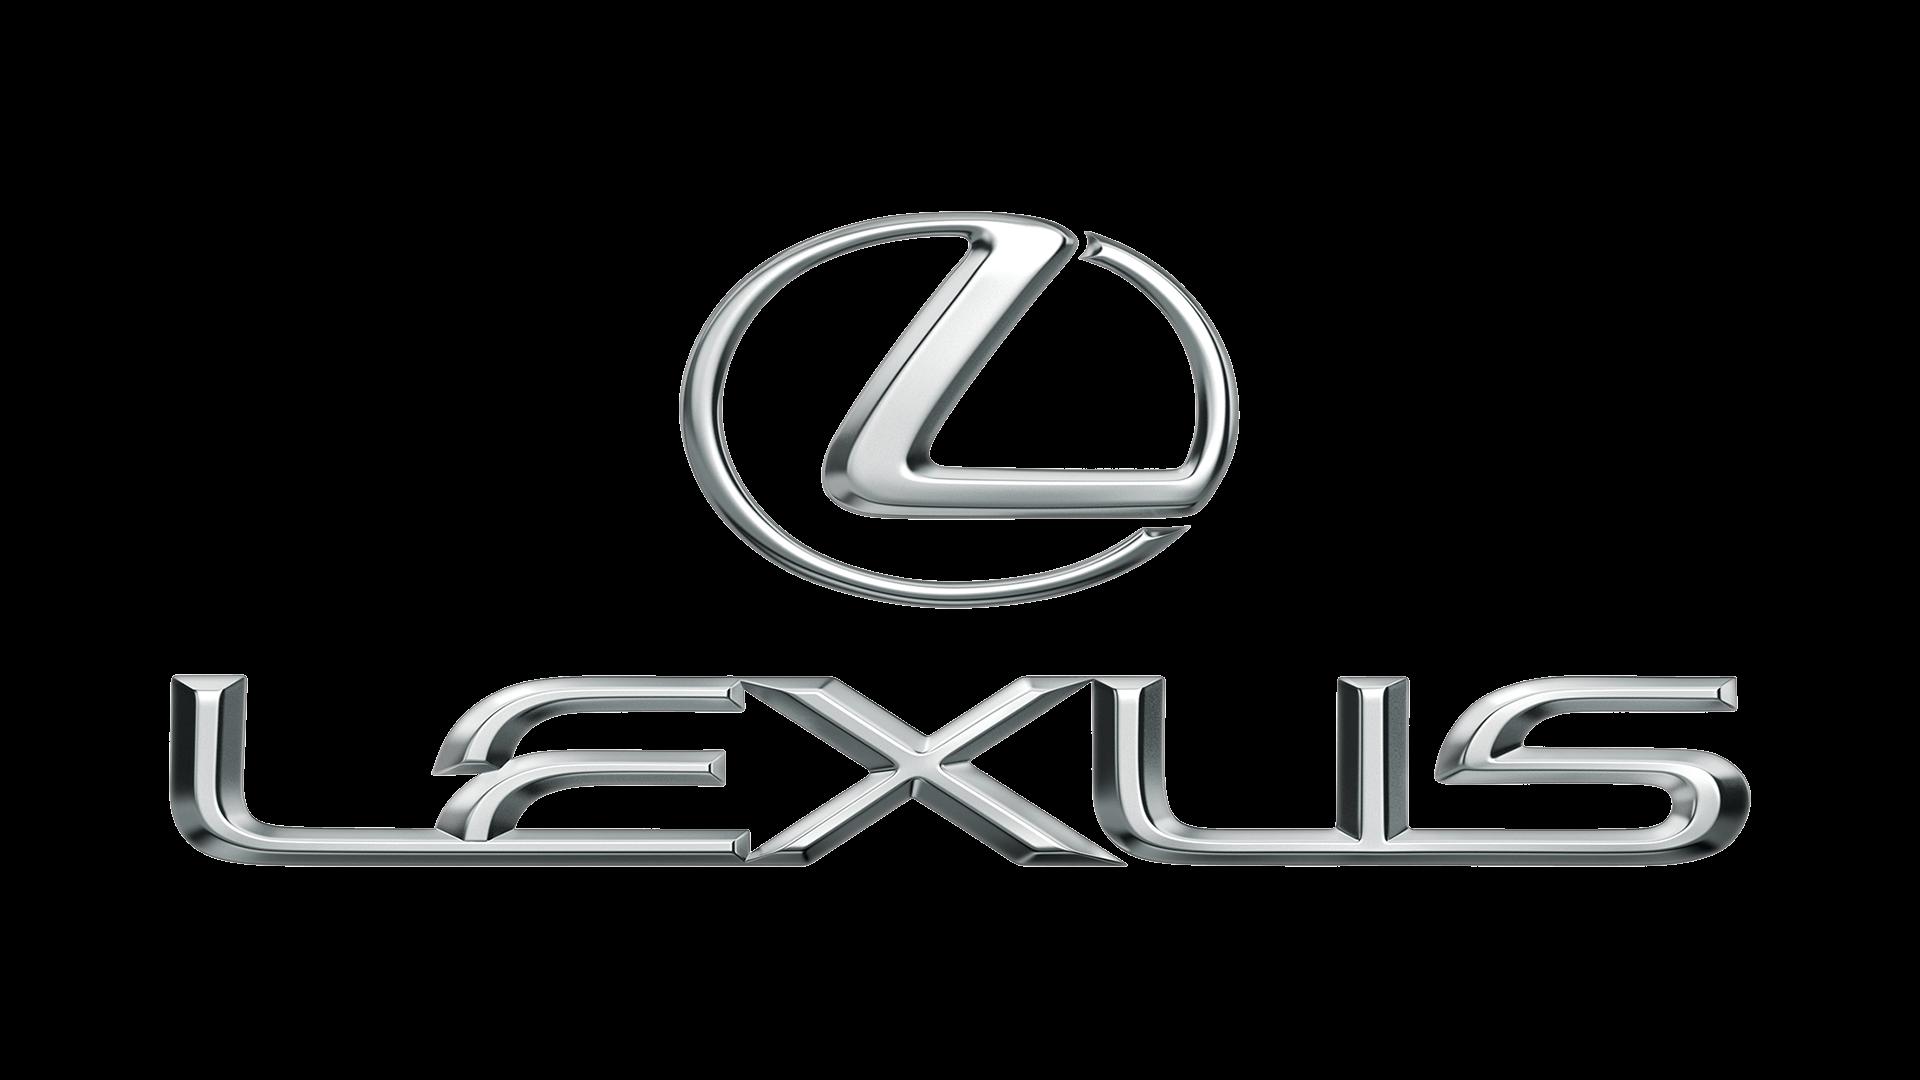 Lexus Logos Png Image Lexus Logo Lexus Car Logos